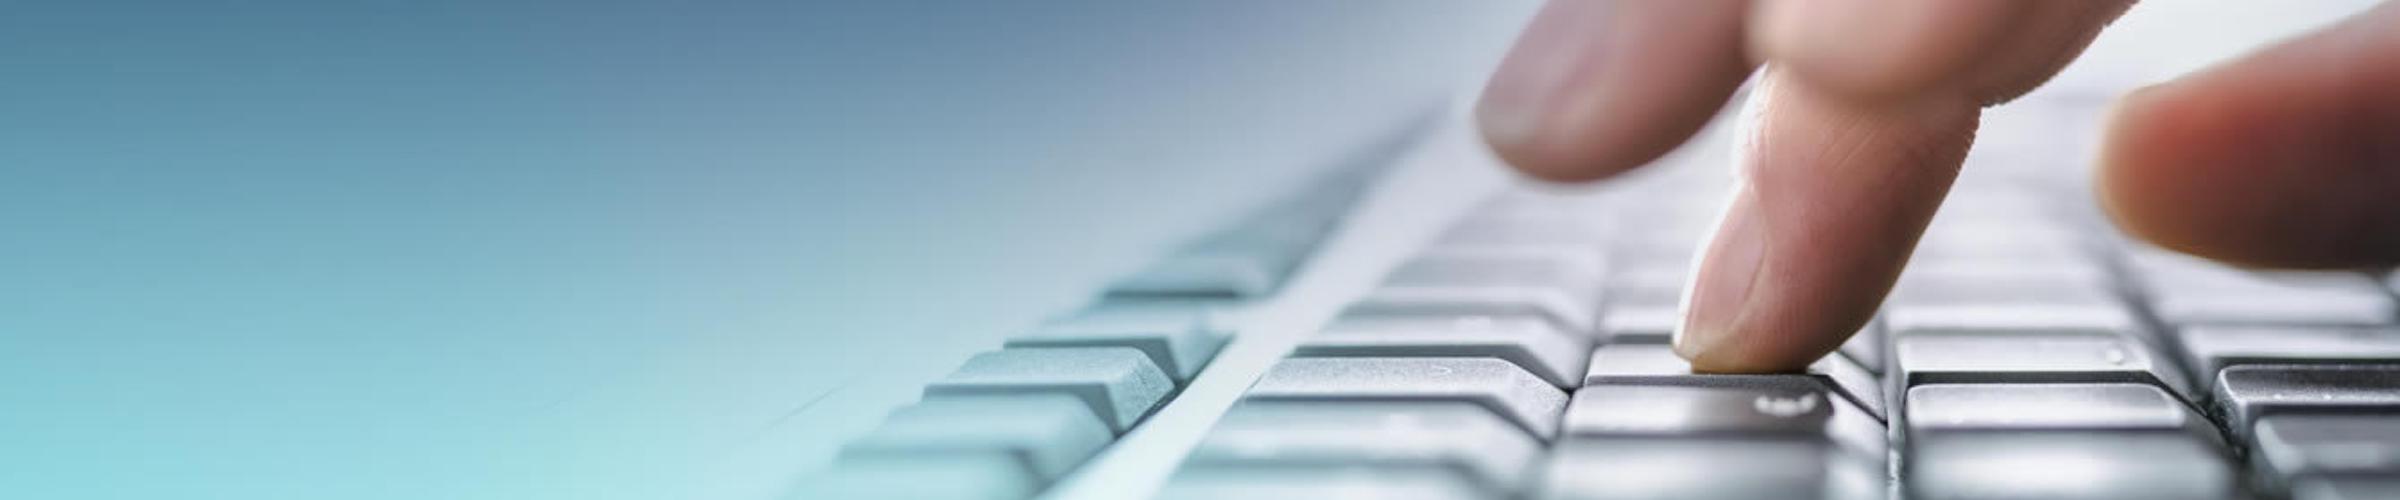 Opbygning af hjemmeside – Hvad er godt og skidt?